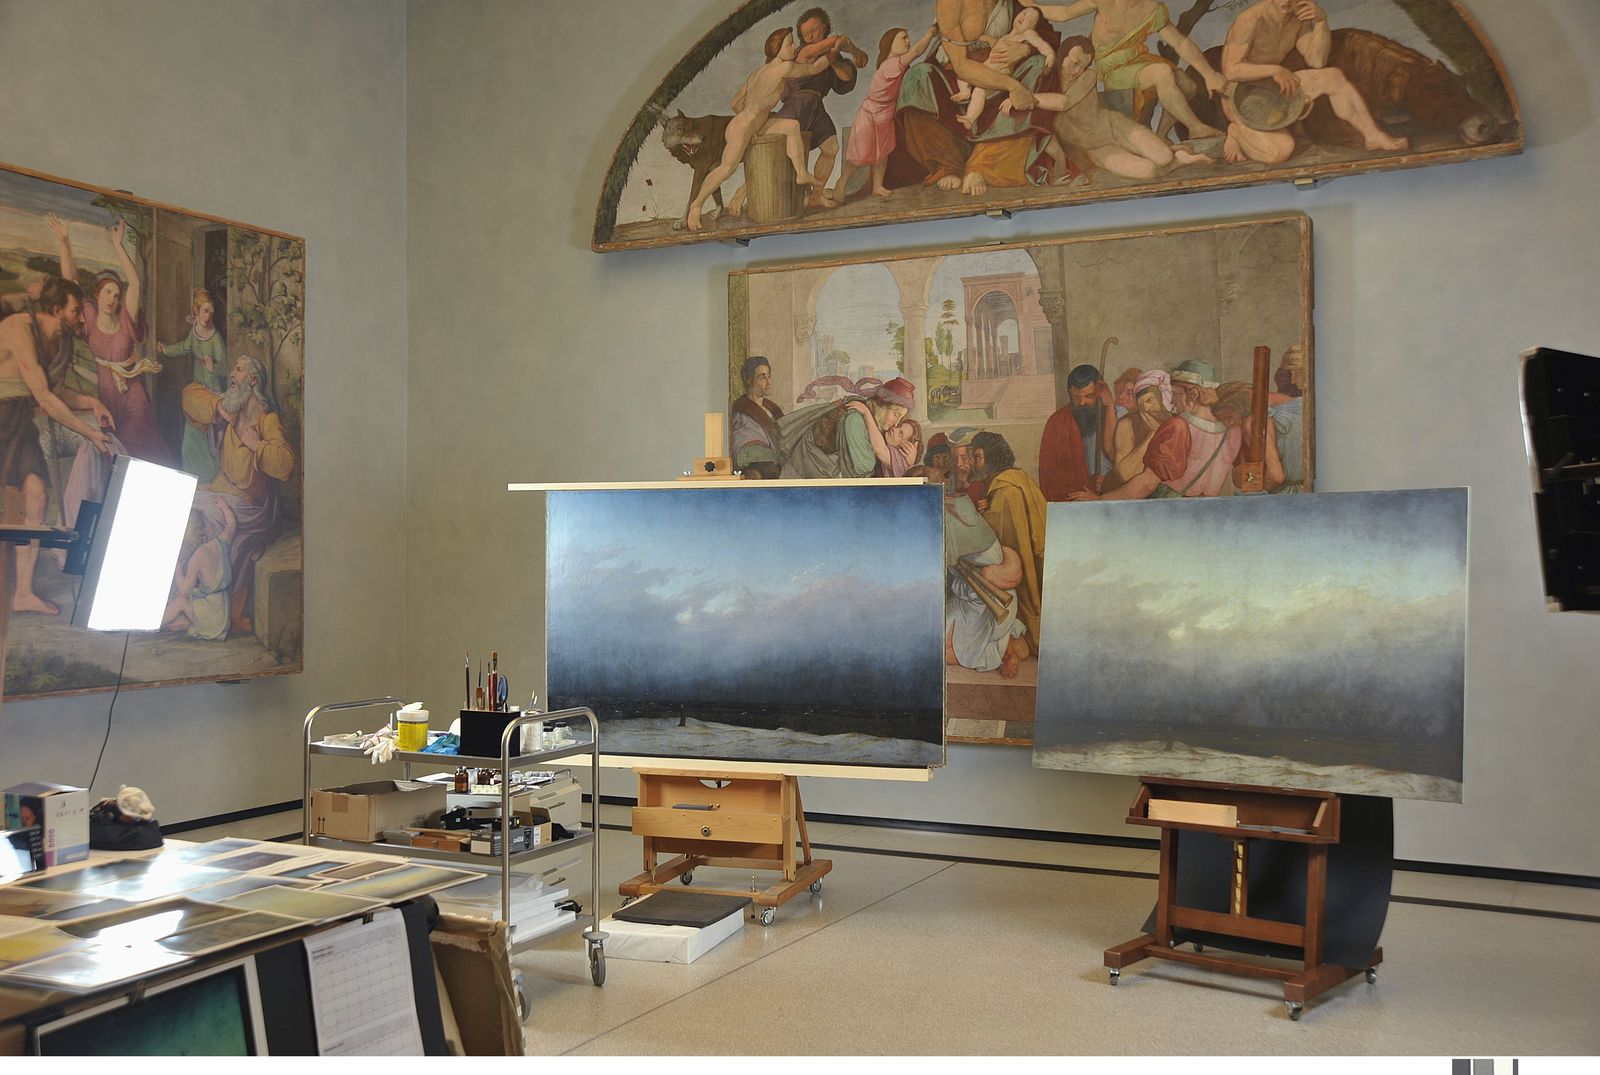 Casa Bartholdy-Saal in der Alten Nationalgalerie mit Mönch am Meer im Endzustand  (links) und Fototafel des Vorzustandes; Staatliche Museen zu Berlin, Nationalgalerie / Foto: Andres Kilger